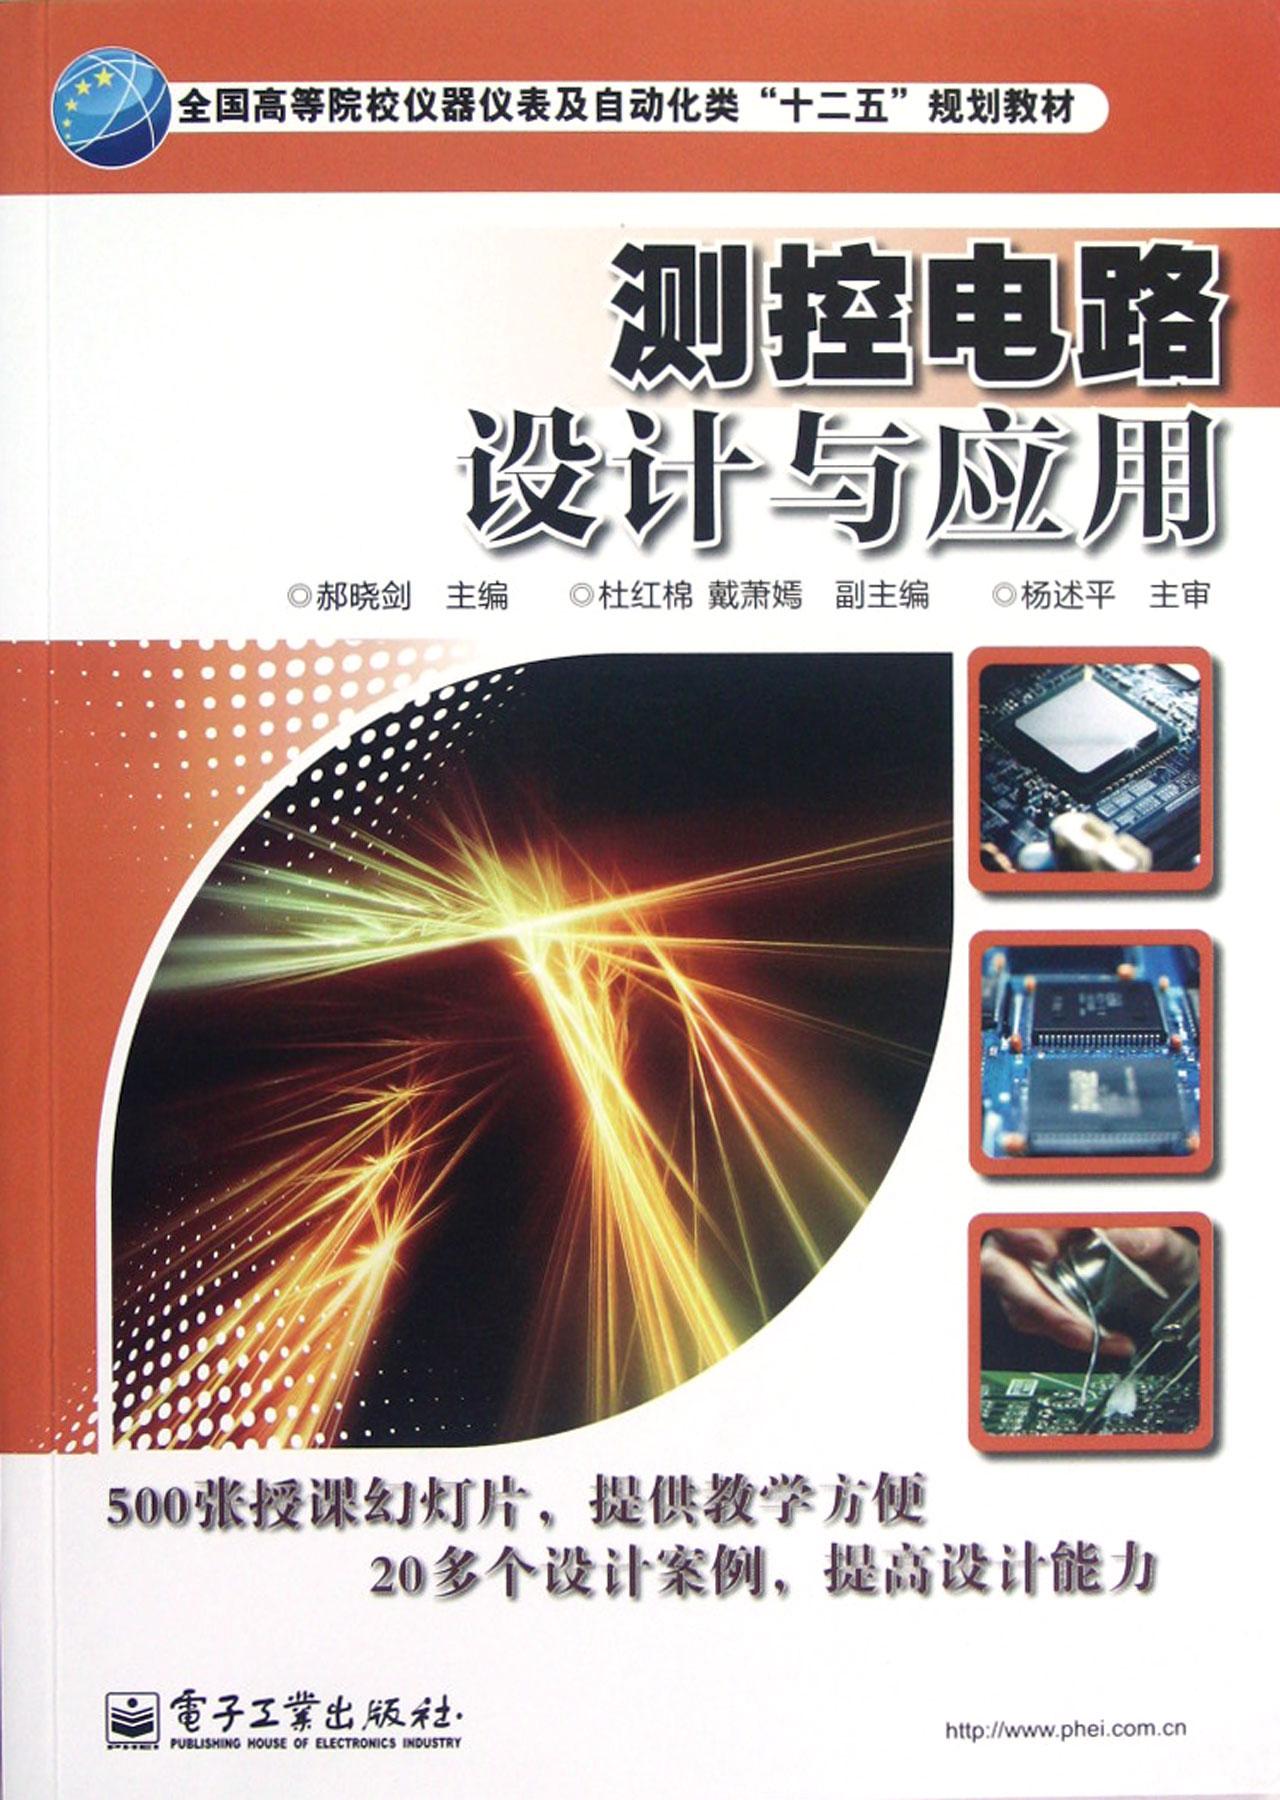 绪论 第1章 测控电路概述 1.1 测控系统组成 1.2 测控系统设计要求 1.3 测控电路的功能及要求 1.3.1 测控电路的功能 1.3.2 测控电路的主要要求 1.4 测控电路设计及优化 1.5 部件之间的连接与匹配 1.5.1 电气性能相互匹配问题 1.5.2 信号耦合方式和时序配合 第2章 传感器与接口电路 2.